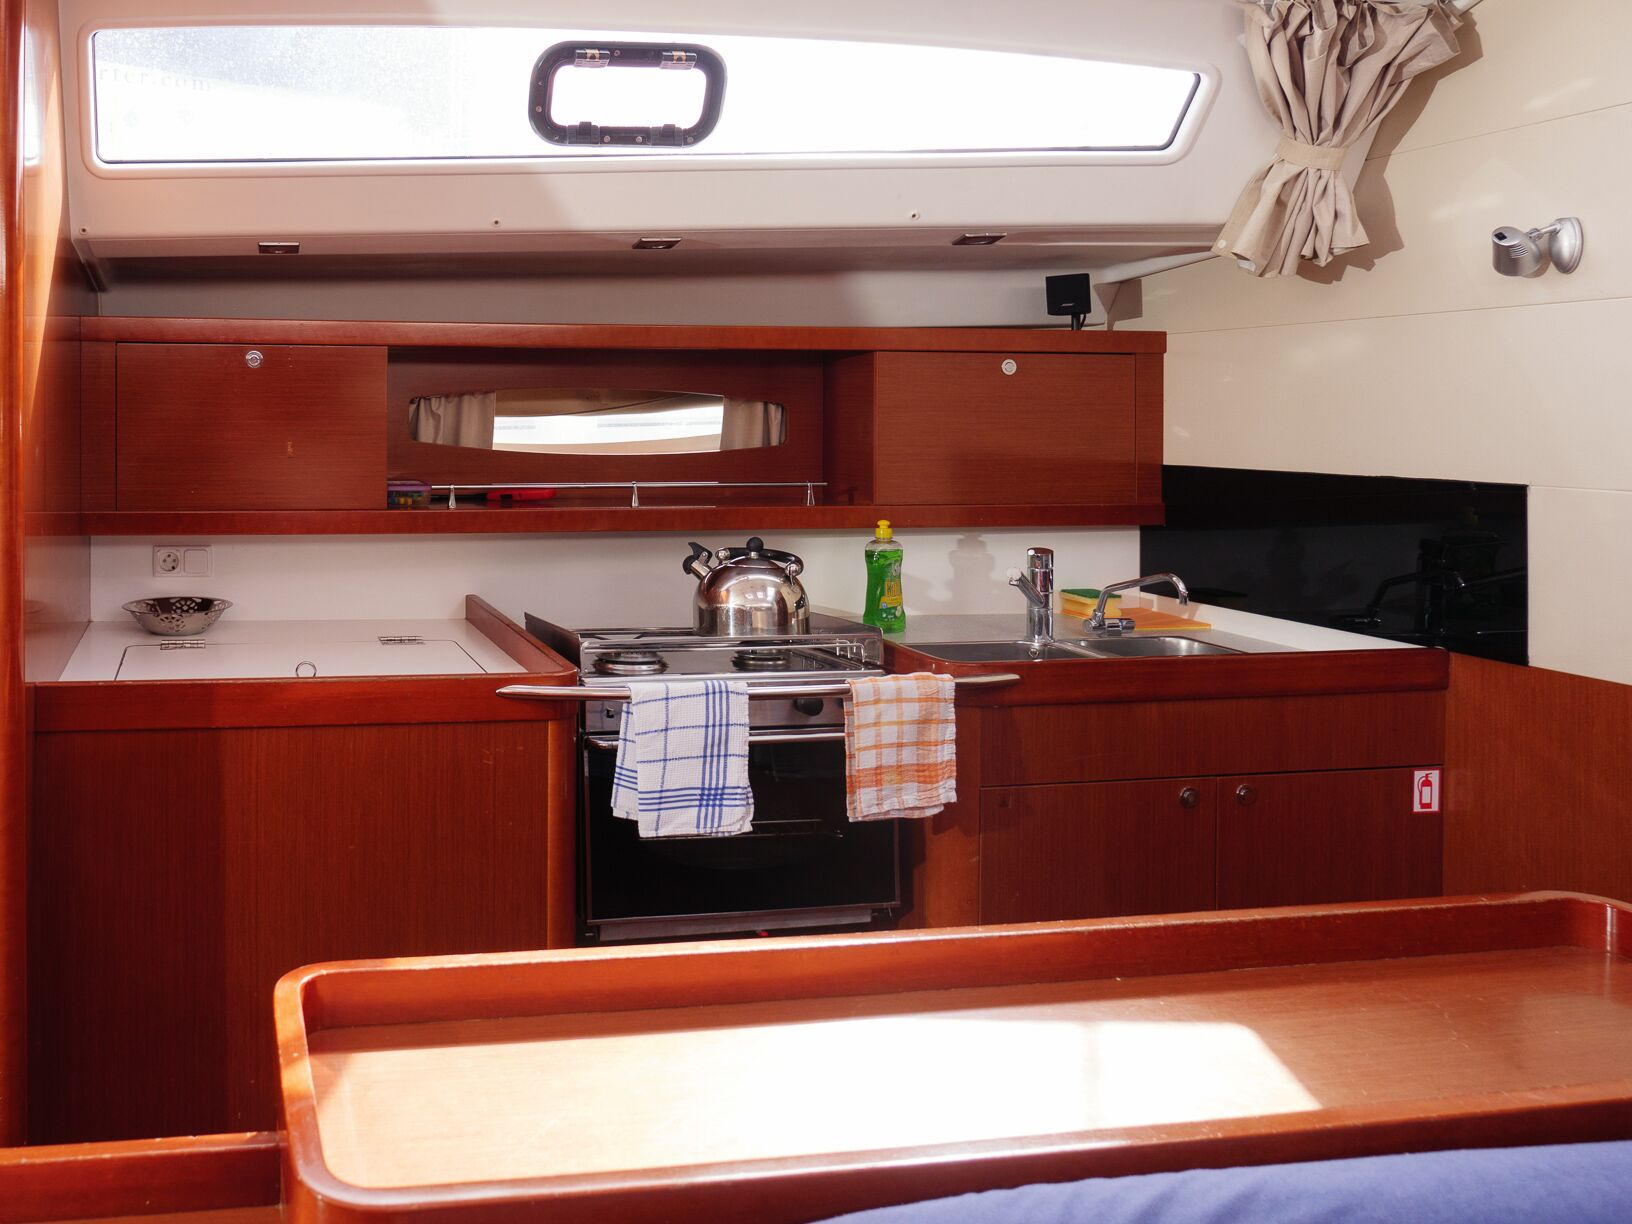 Oceanis 50 Family (Mississippi) Interior - kitchen (photo taken 2019) - 10